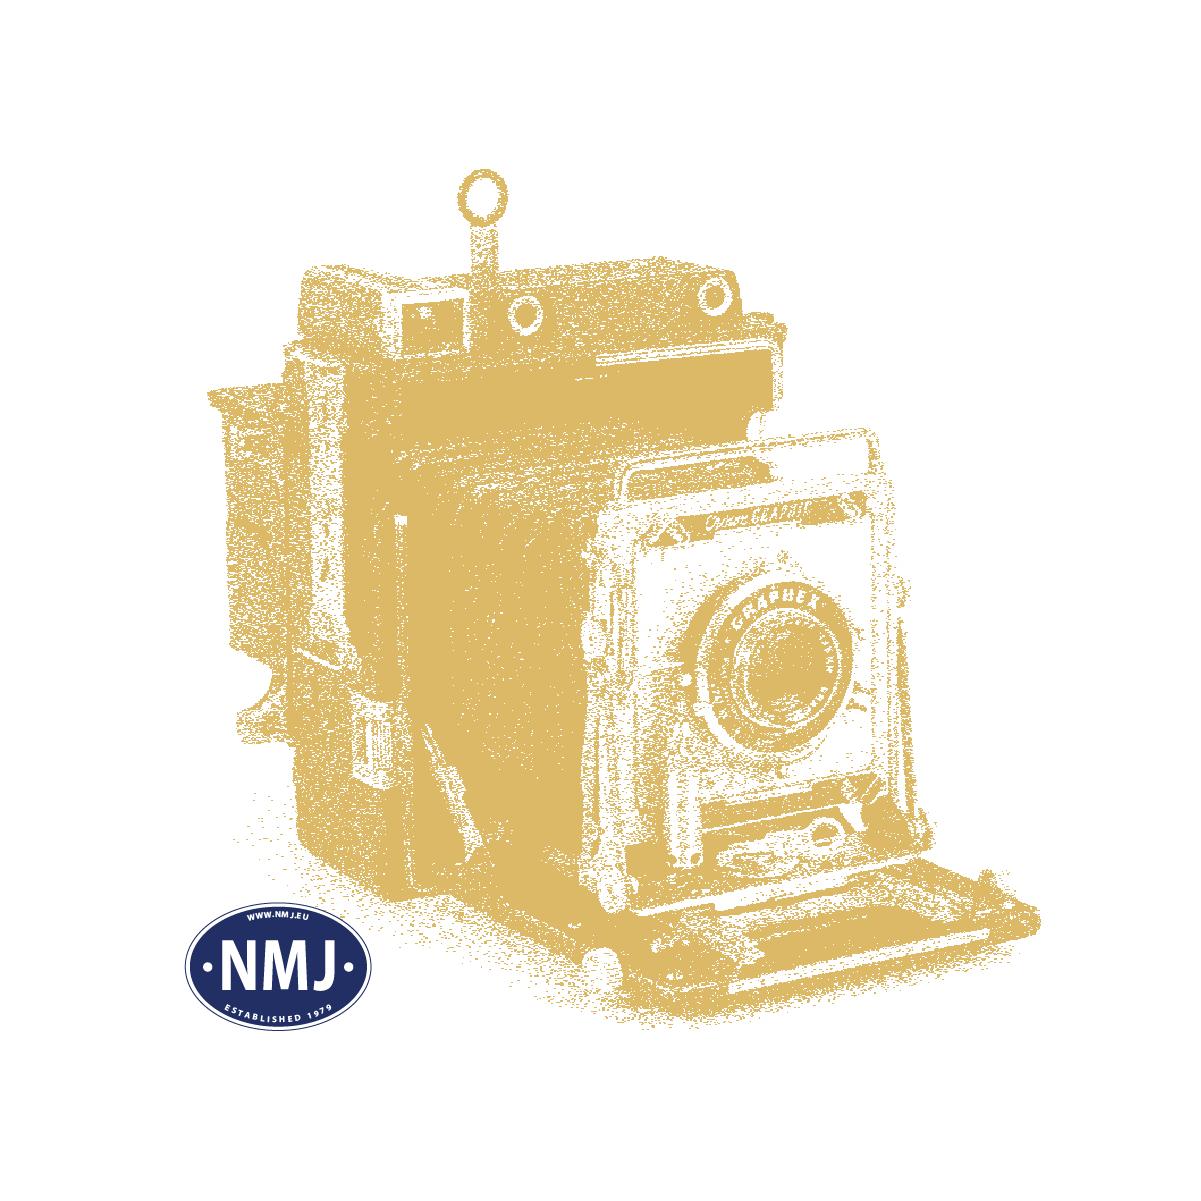 NMJT90020 - NMJ Topline NSB Di3a 626, Red/Black, DCC w/ Sound